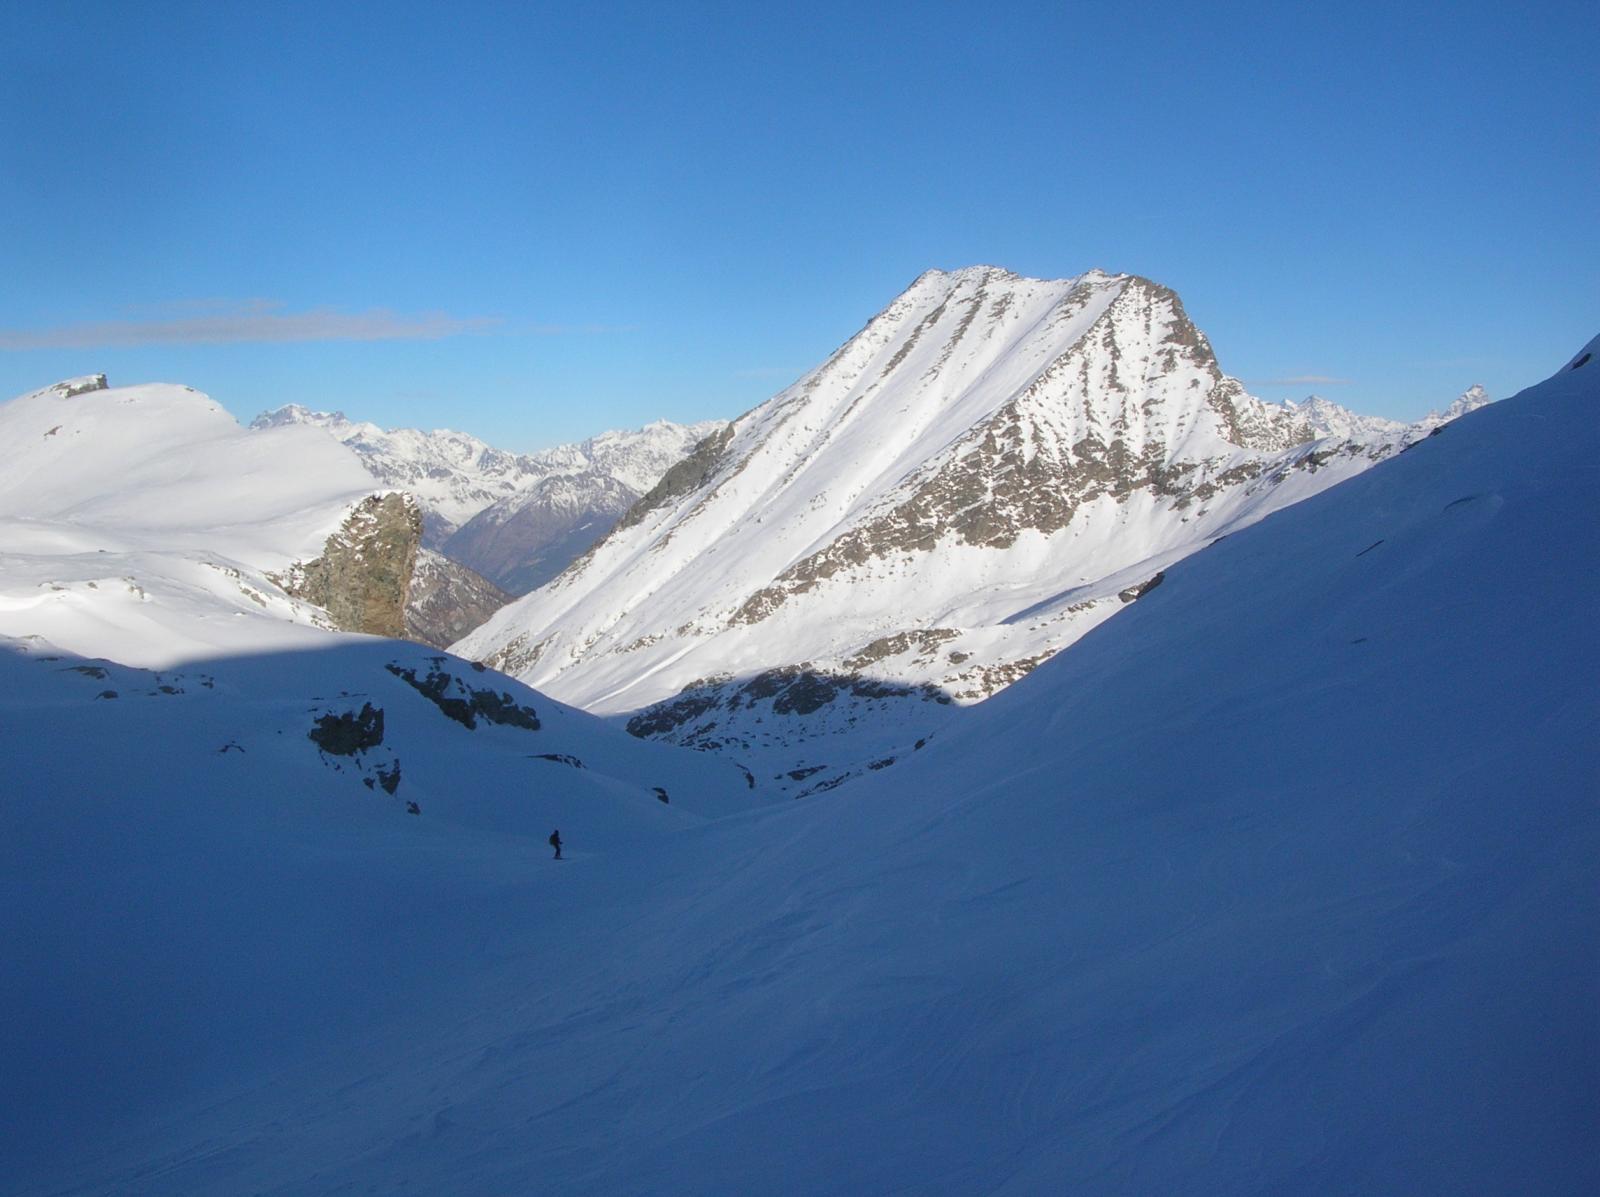 La parete sud-ovest vista dal vallone che scende dal Col Moussaillon (foto del 18-12-11))